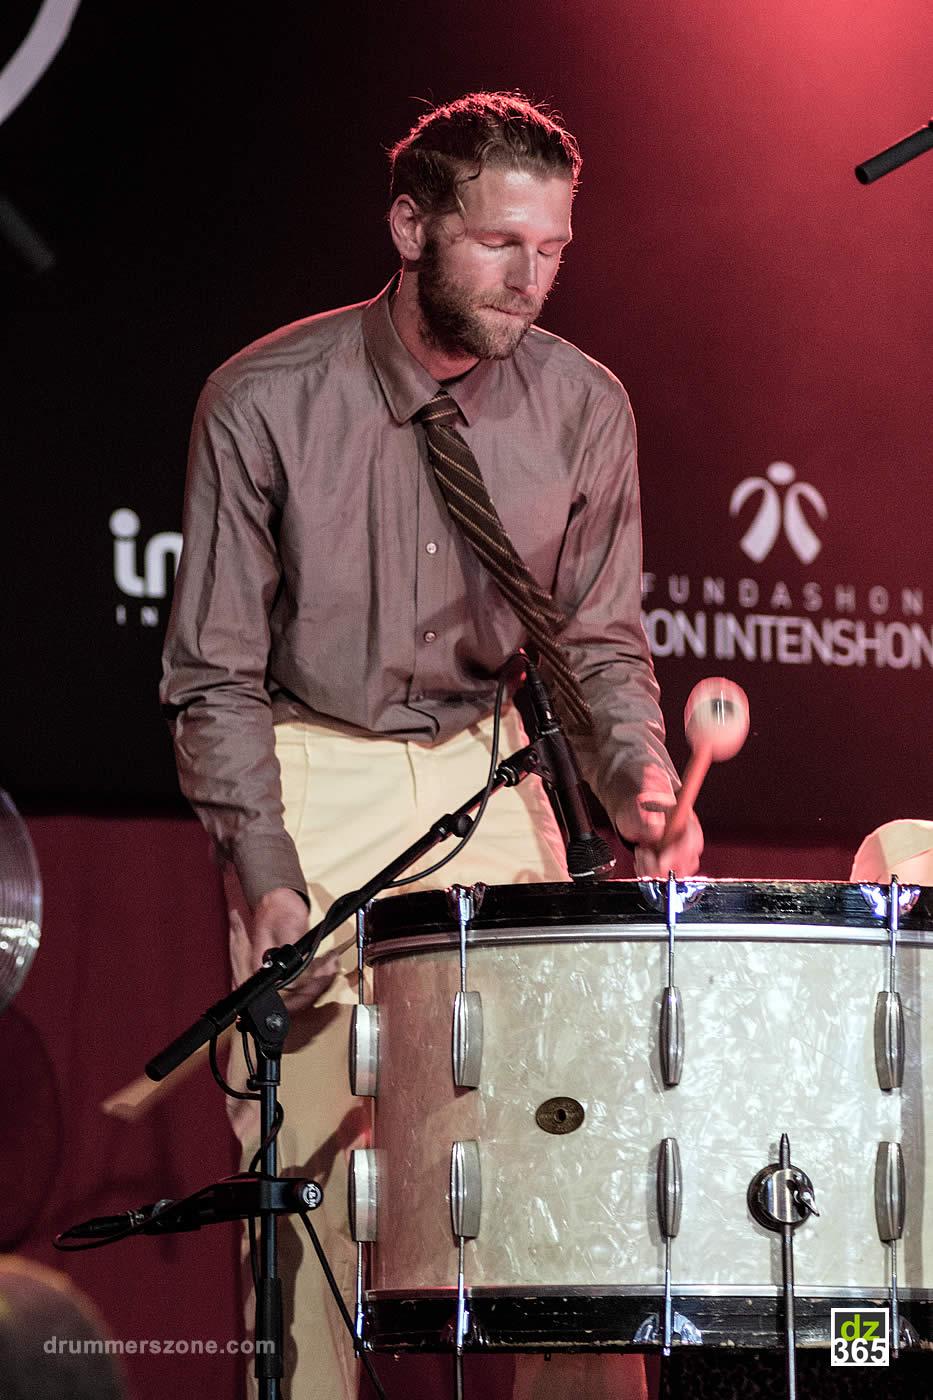 Drummerszone Toon Oomen